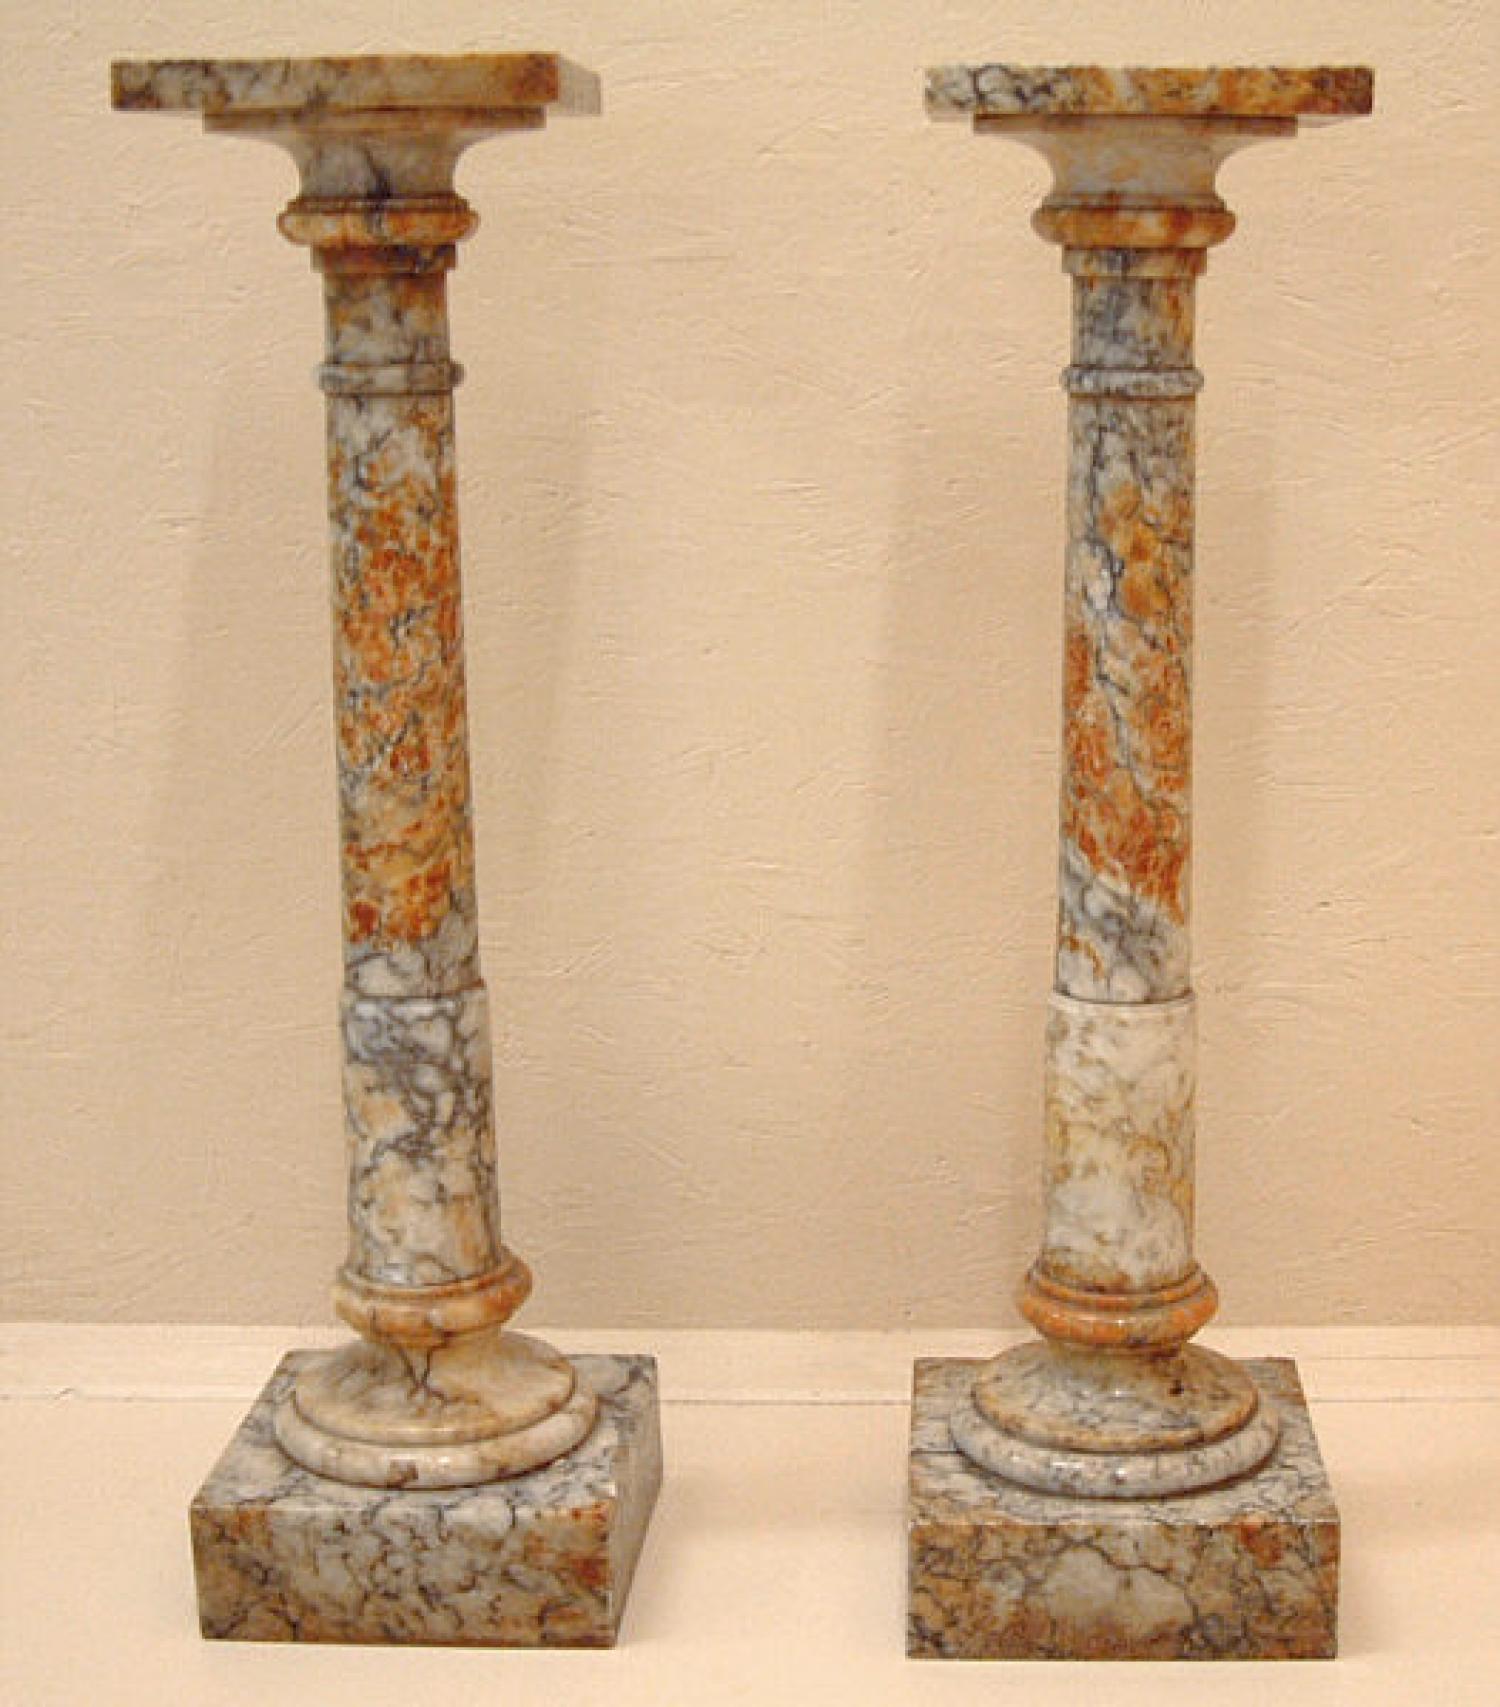 Antique pr of alabaster plant pedestals c1880